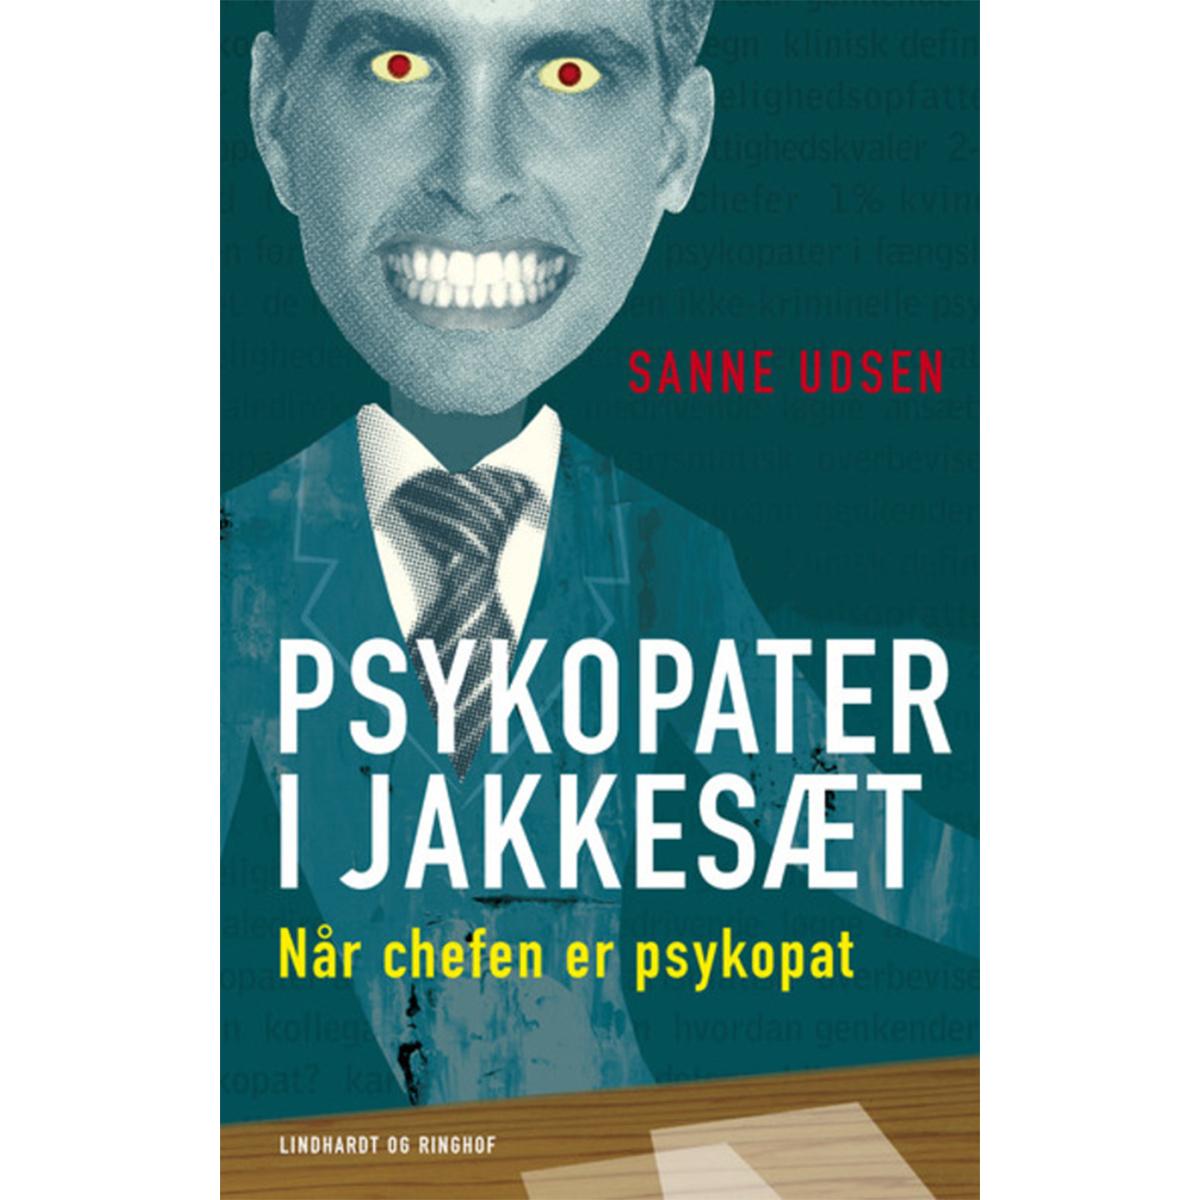 Billede af Psykopater i jakkesæt - når chefen er psykopat - Hæftet